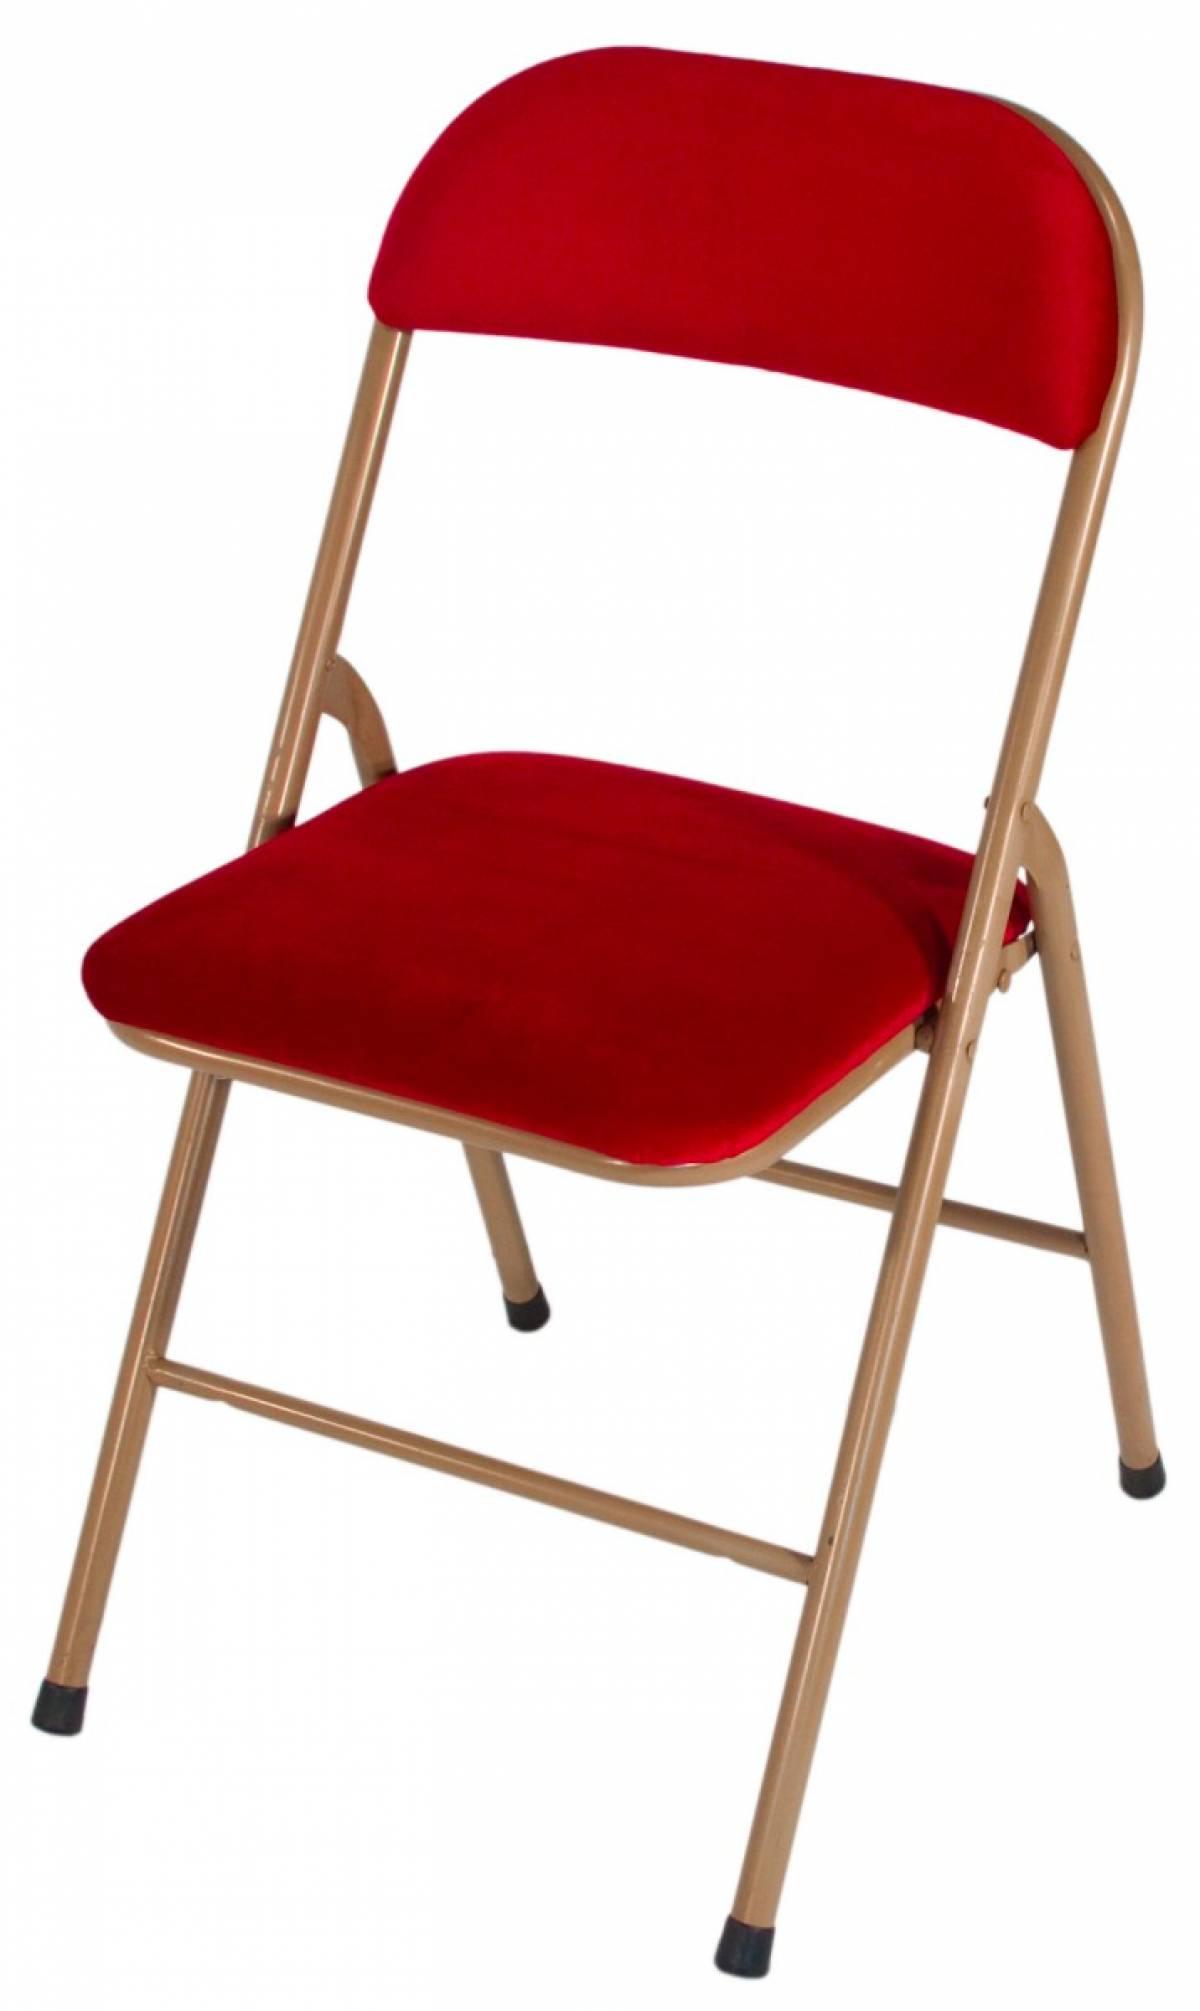 location de chaises velours rouge location vaisselle et mobilier pour r ception 84 dm location. Black Bedroom Furniture Sets. Home Design Ideas